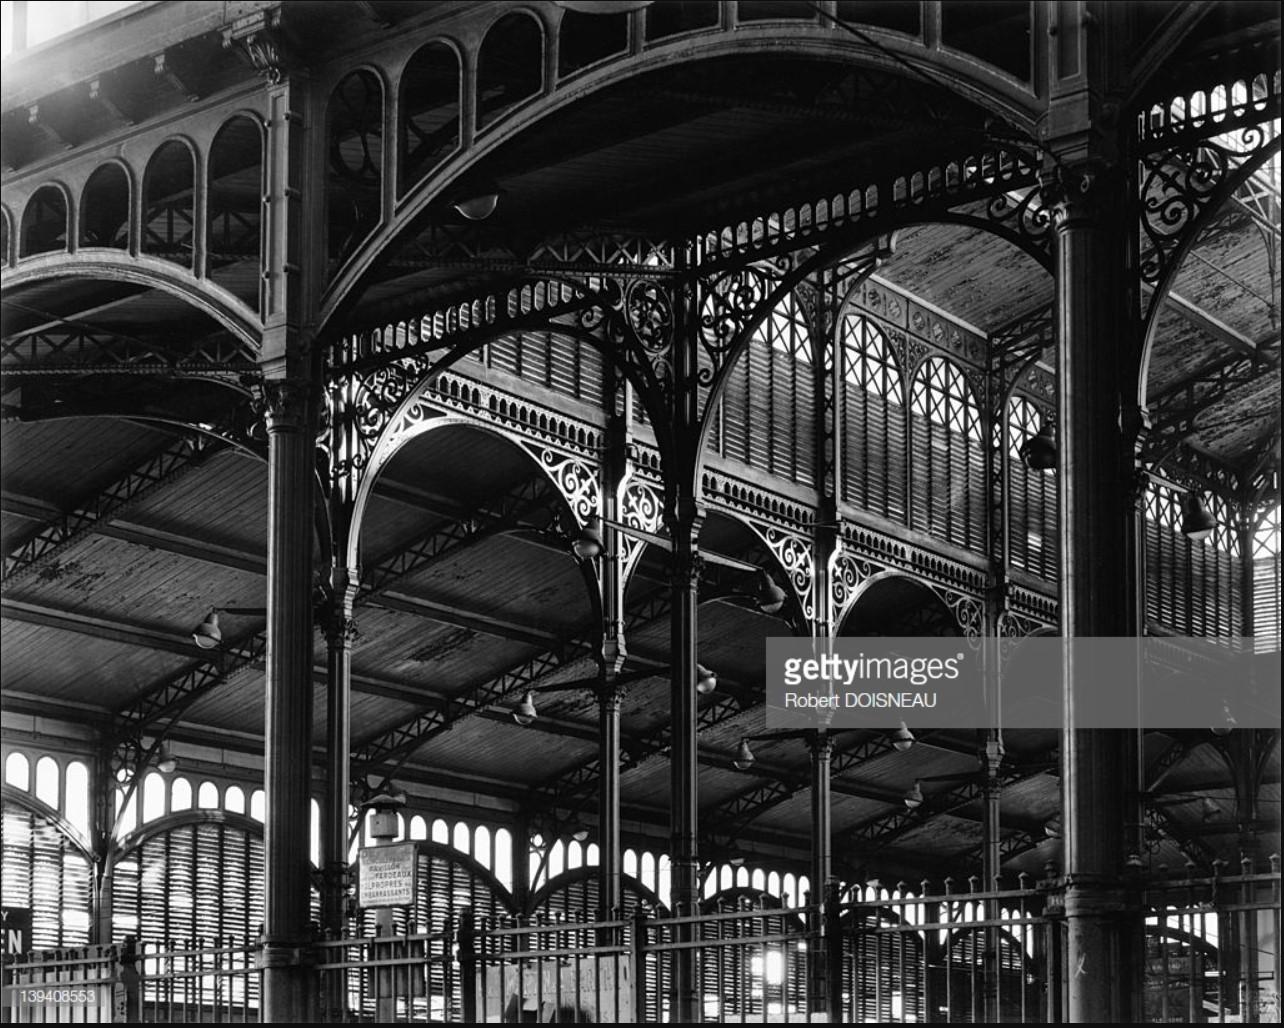 1968. Зал Бальтара в Ле-Аль был классифицирован как исторический памятник, это единственный зал центрального рынка Парижа, который не был разрушен